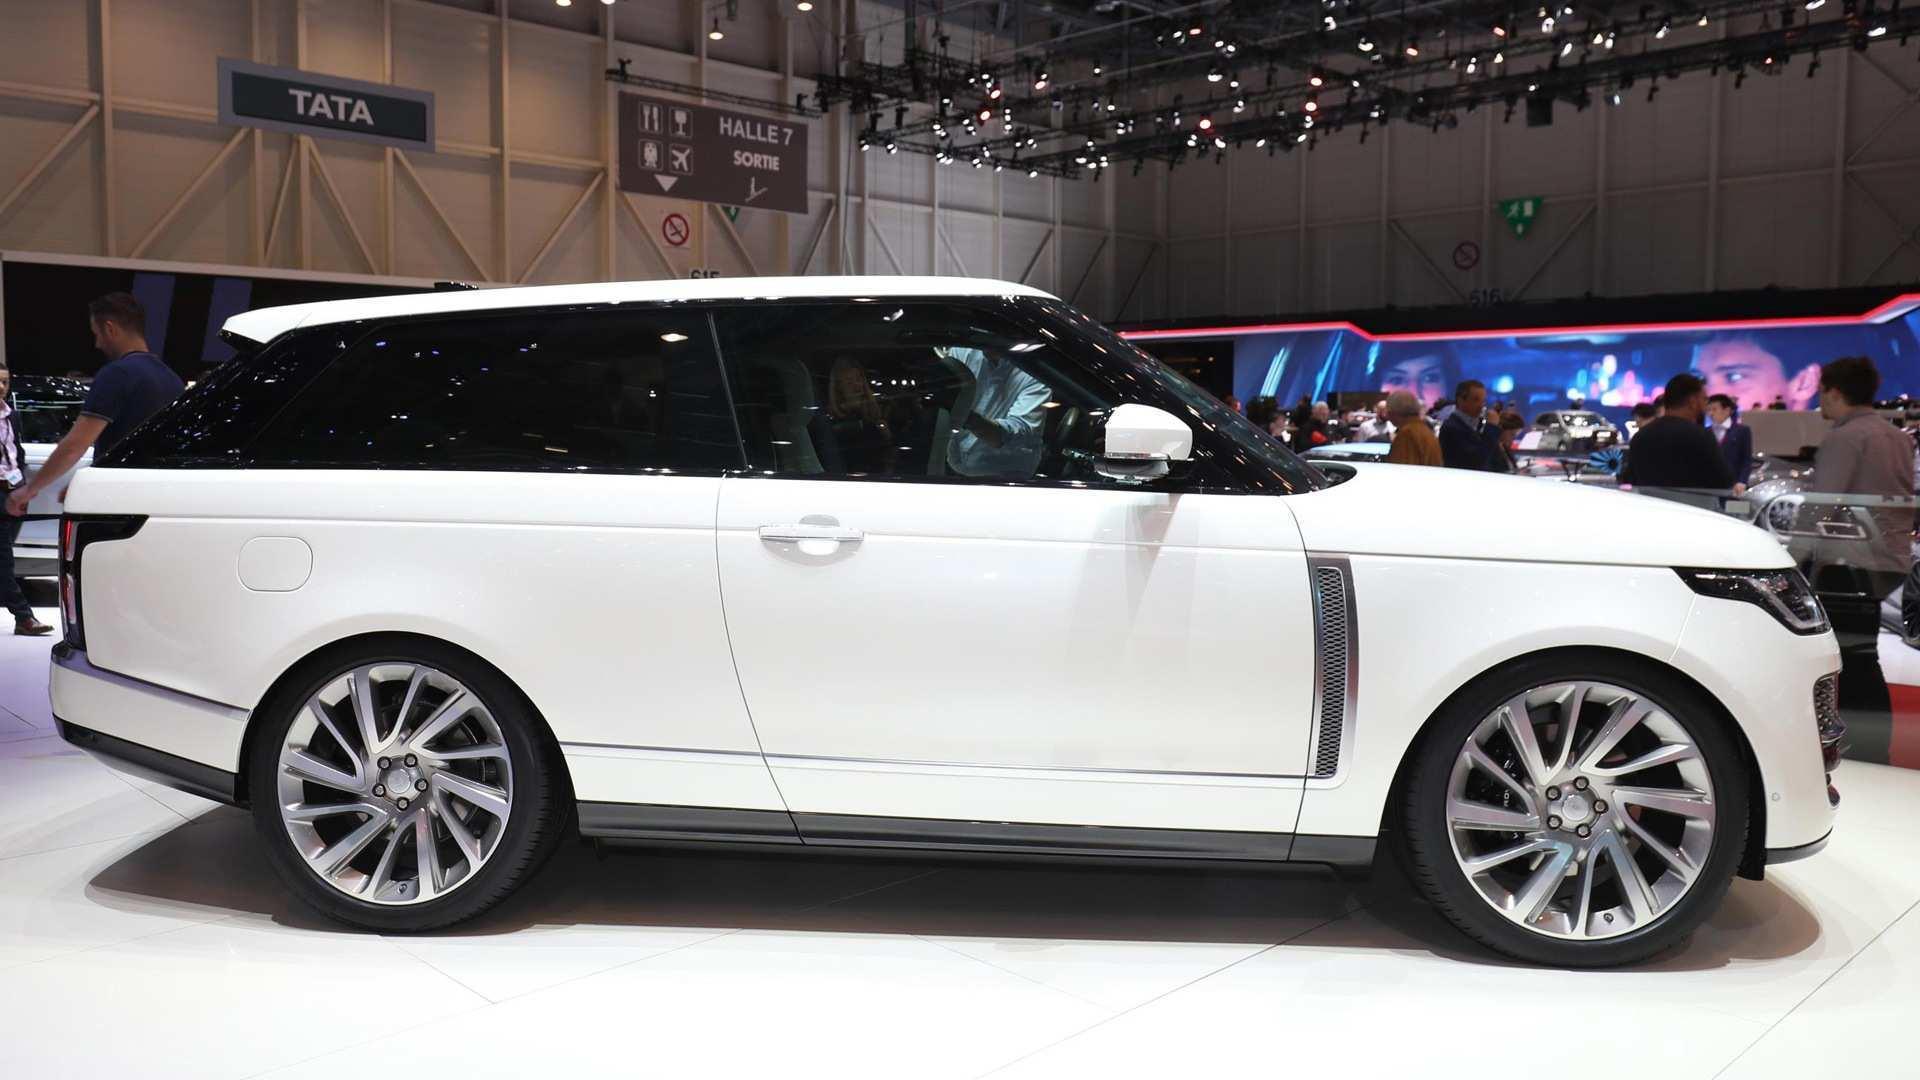 28 Concept of Land Rover Range Rover Vogue 2019 Exterior and Interior with Land Rover Range Rover Vogue 2019